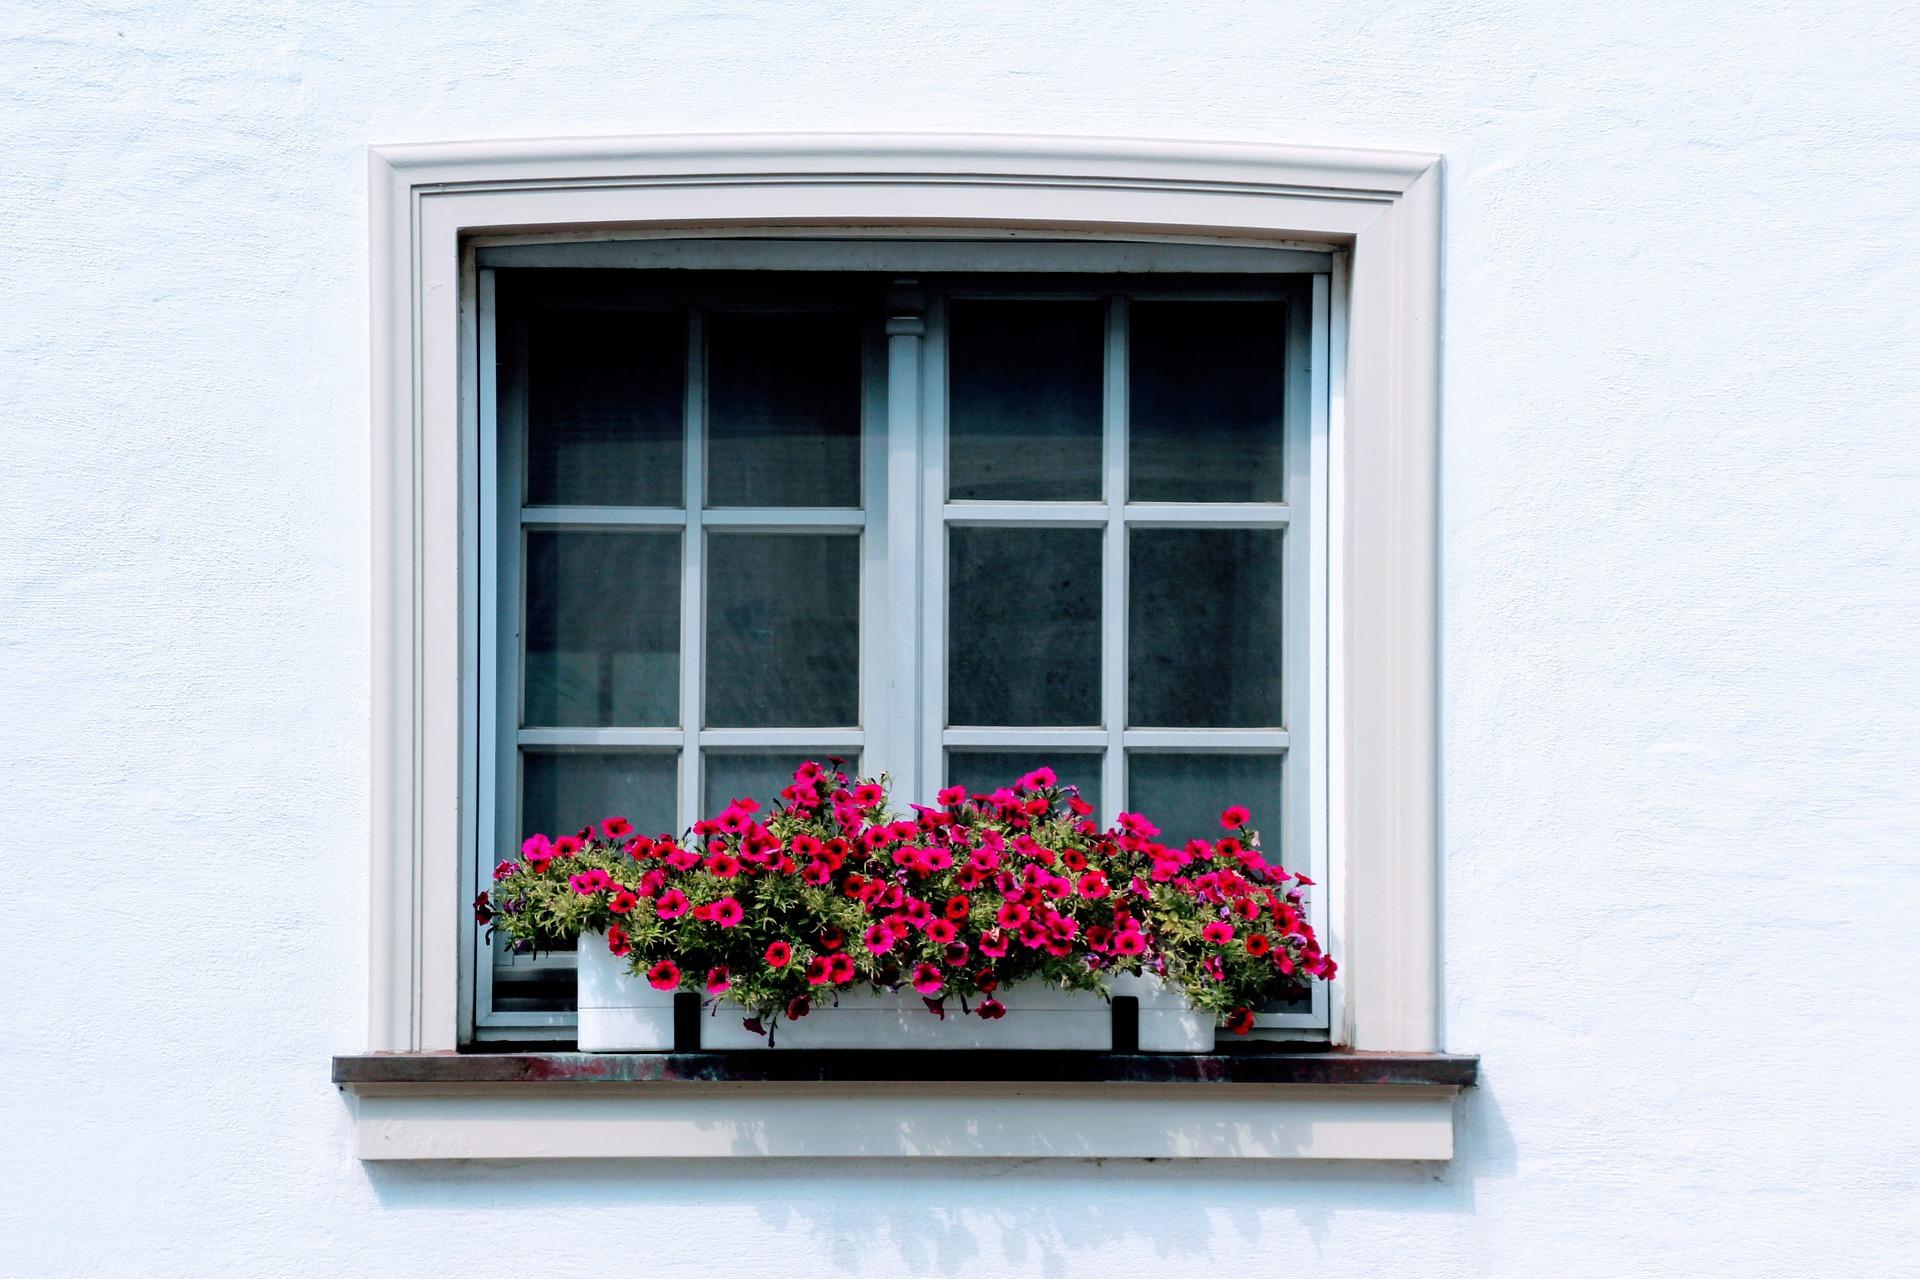 Kunststofffenster oder holzfenster netzperlentaucher - Kunststofffenster oder holzfenster ...